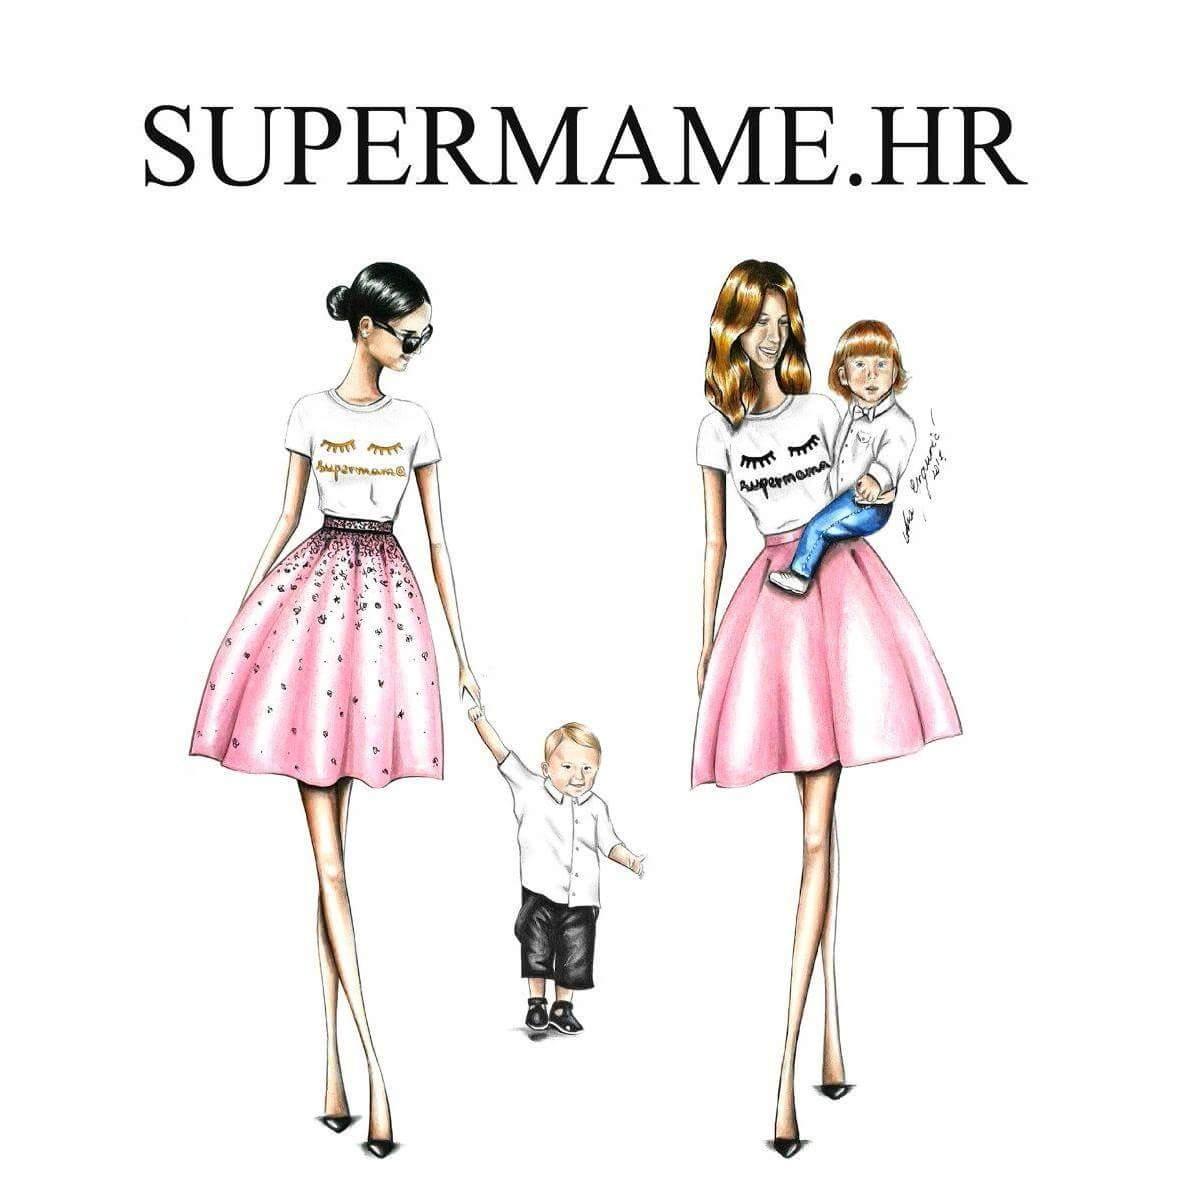 SUPERMAME.HR